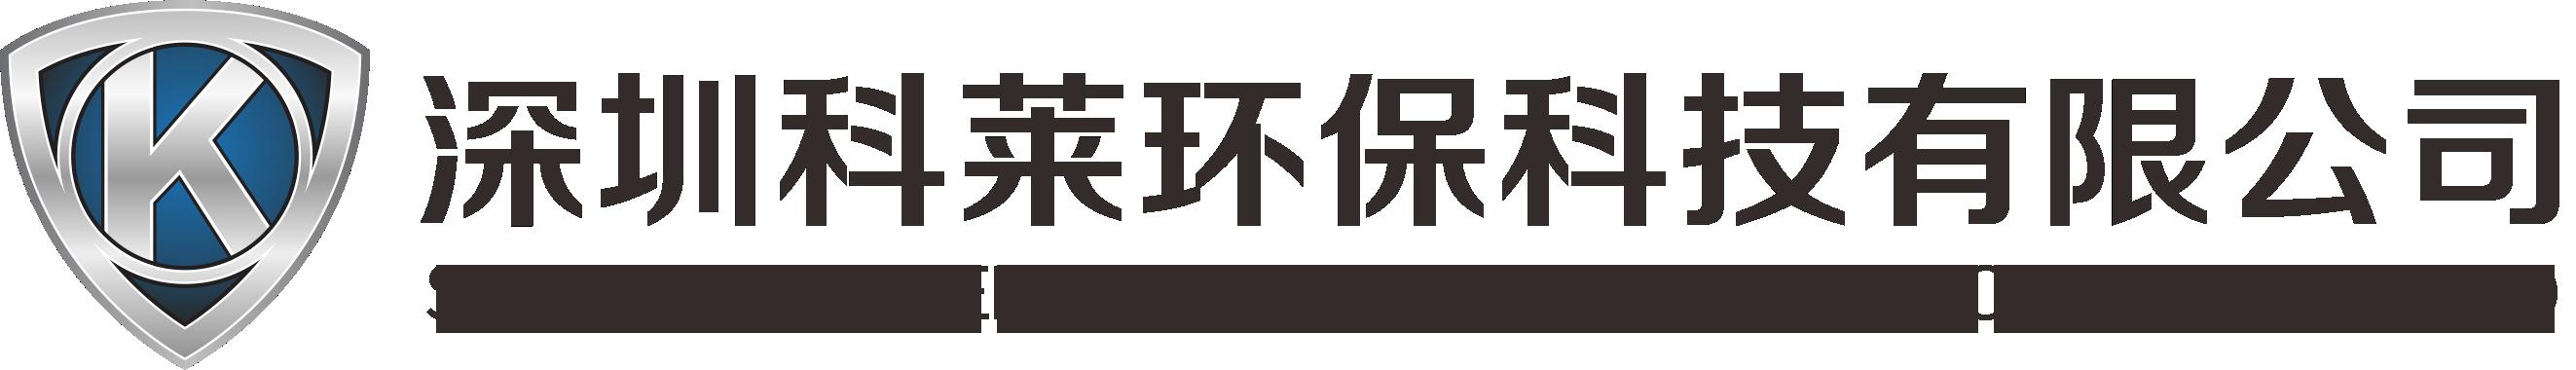 专注臭氧、恶臭及VOCs常温催化净化技术